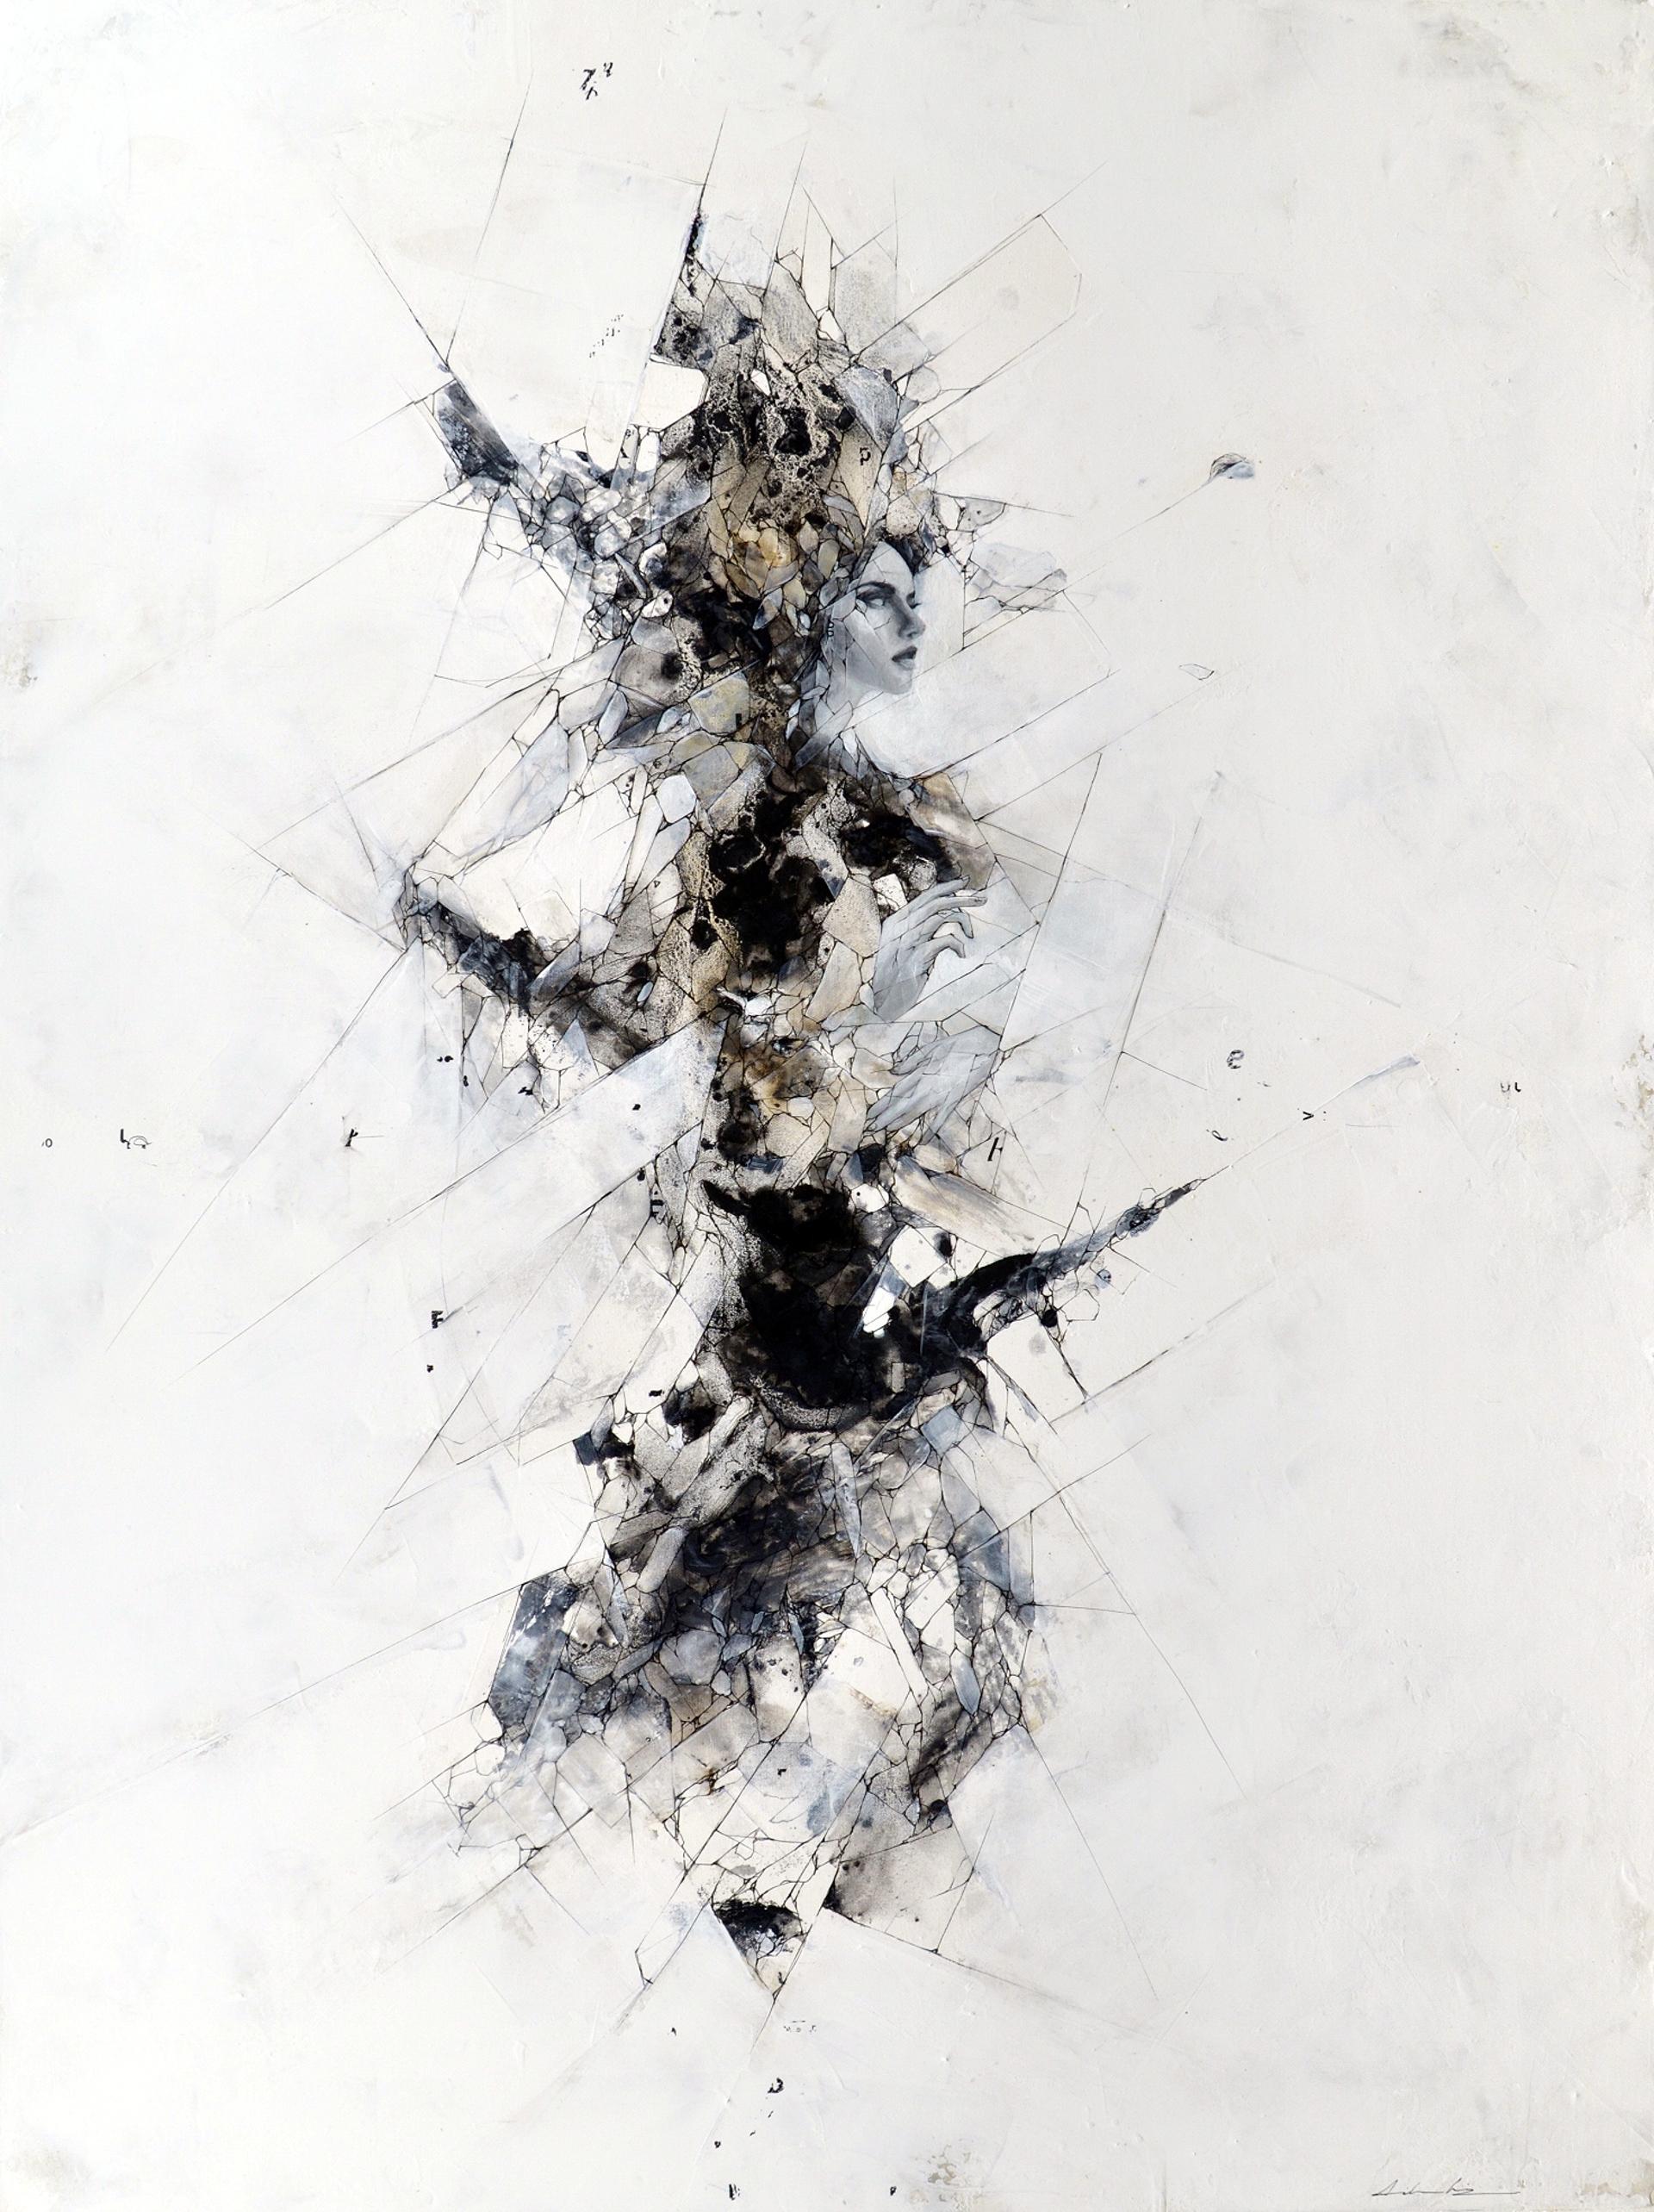 Divination 4 - *19 by Aiden Kringen